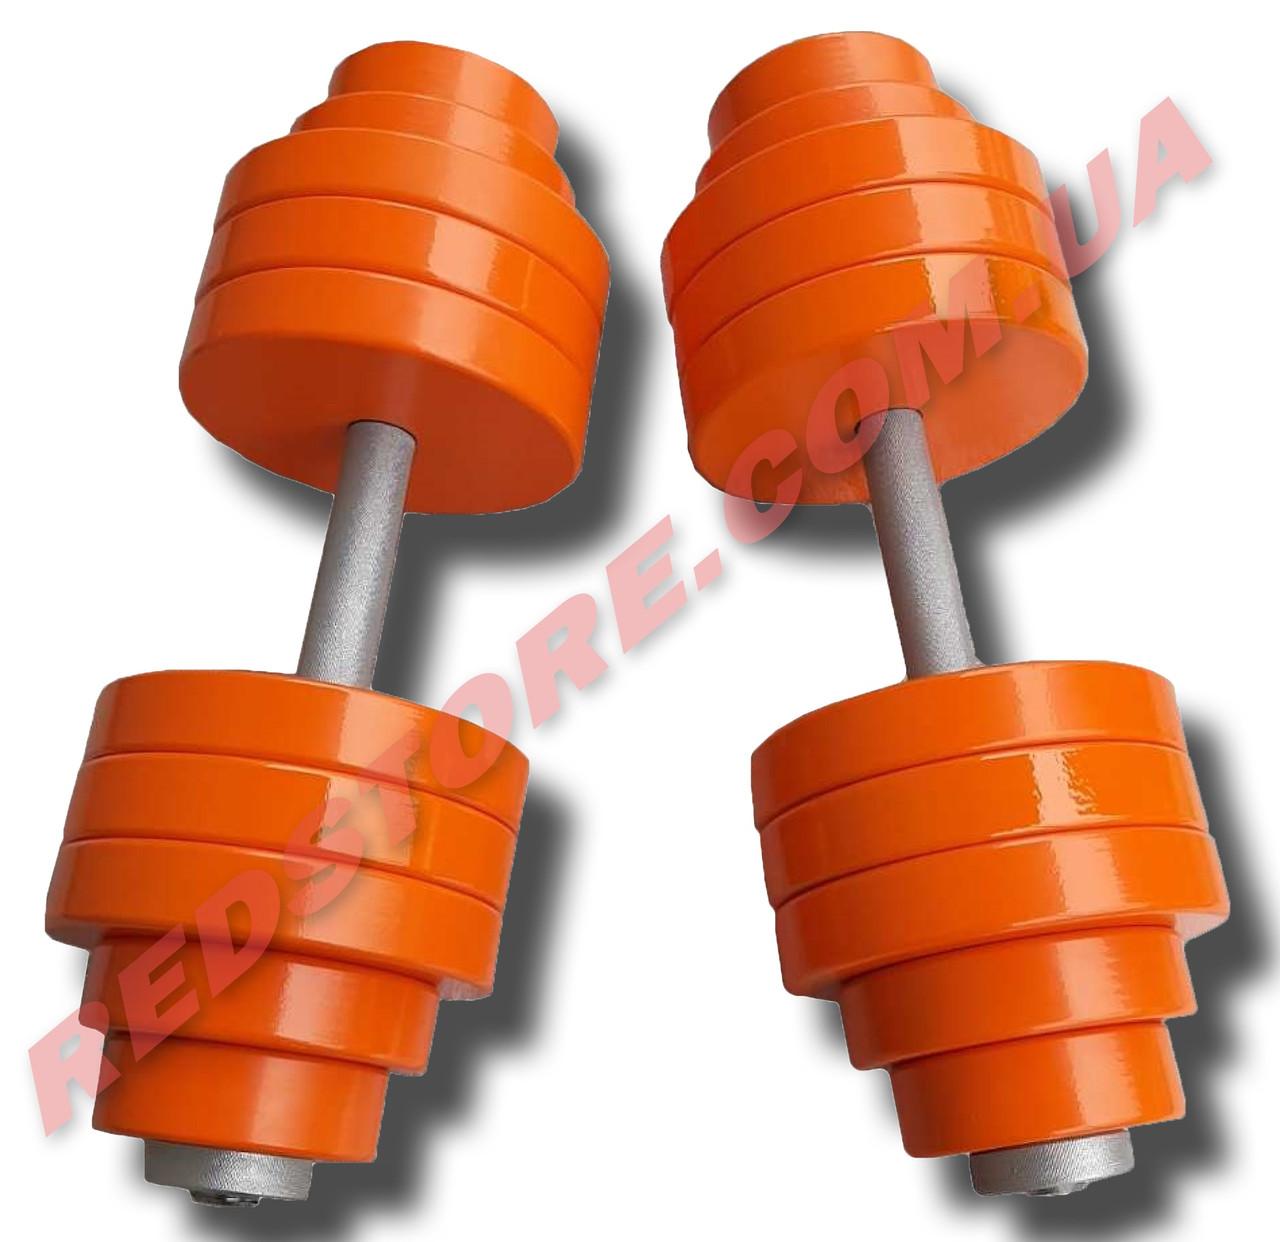 Гантелі набірні 2 по 42 кг металеві з полімерним покриттям (загальна вага 84 кг) розбірні